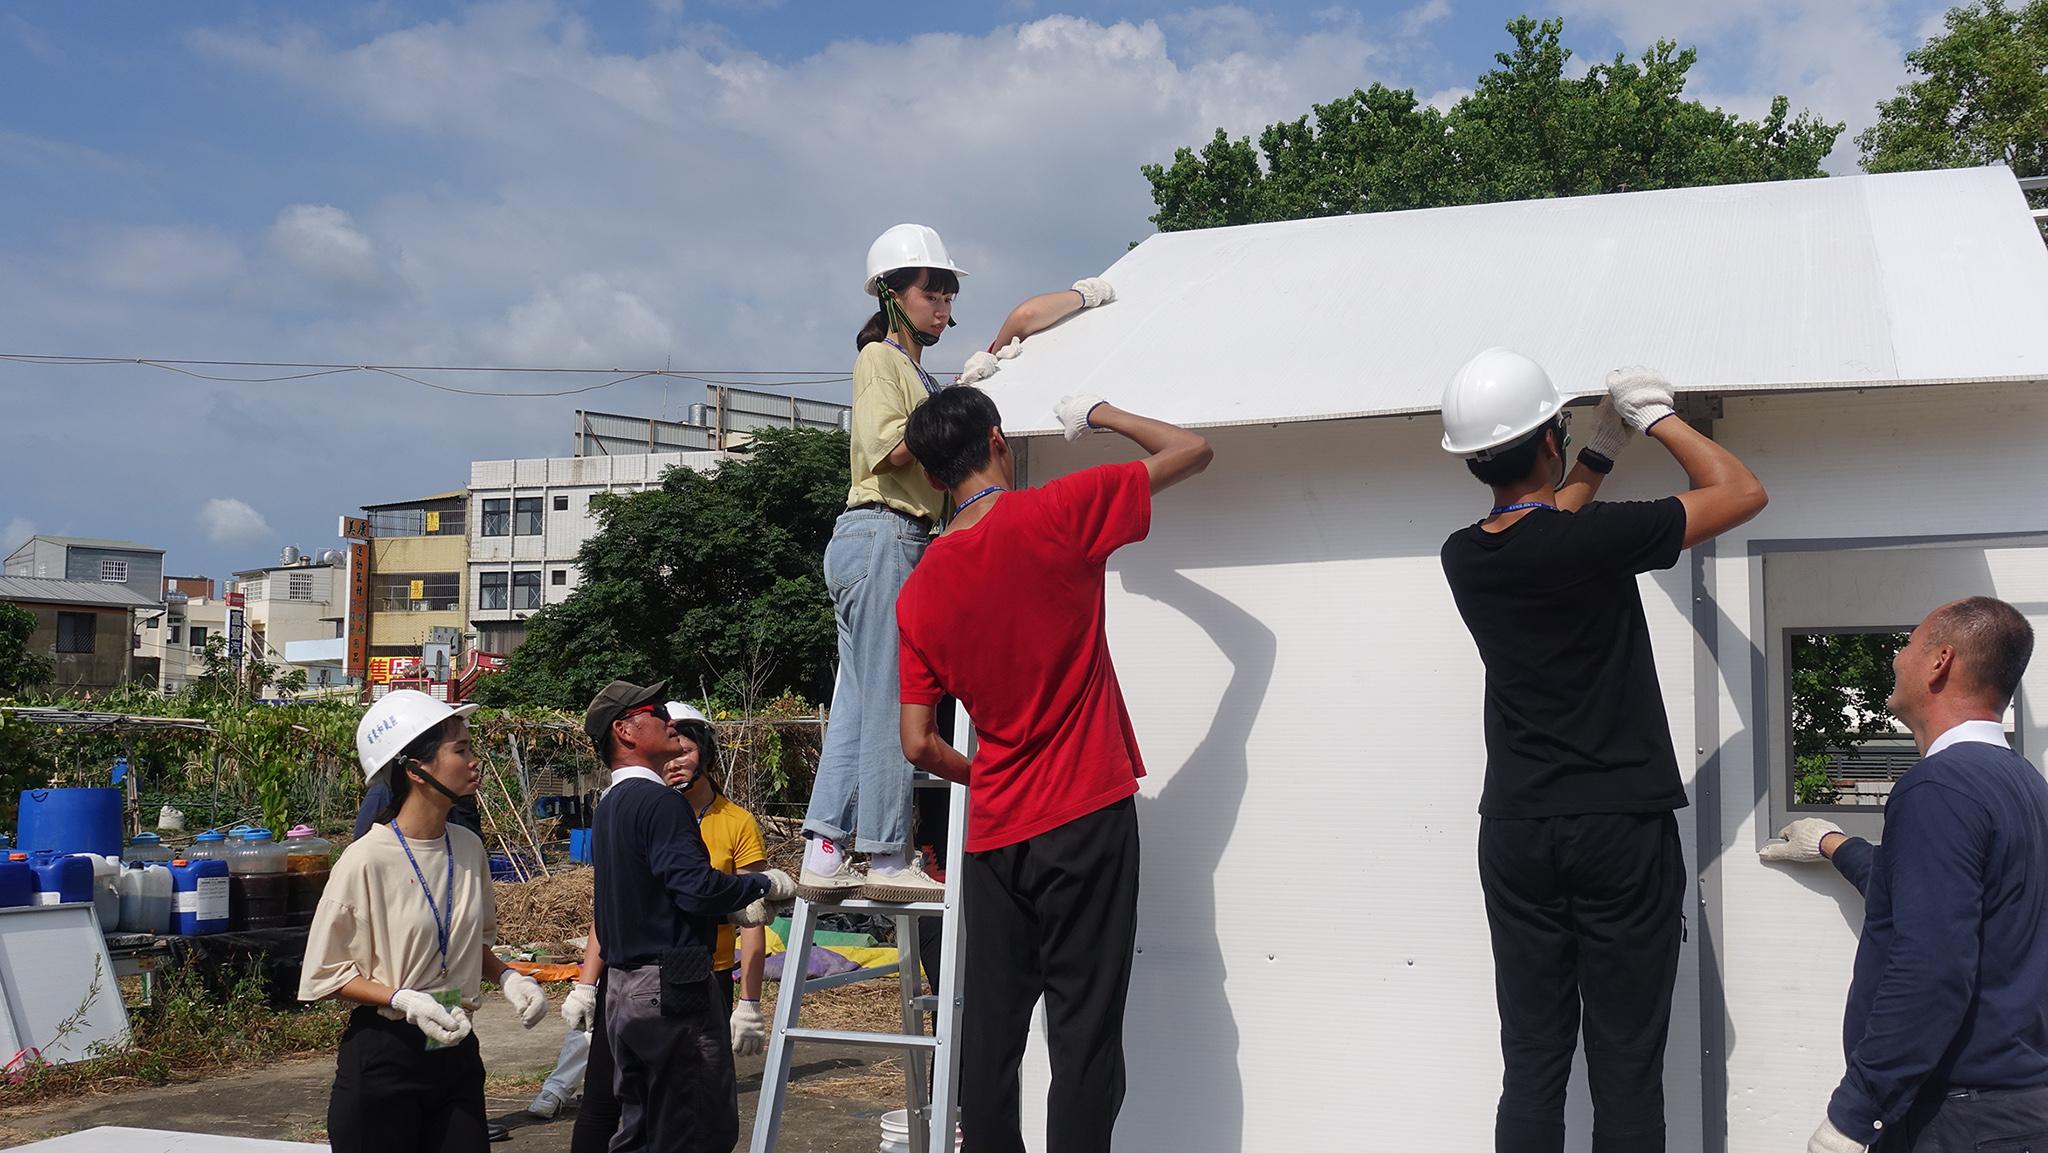 林淨蓮認為組裝房子要有力氣、耐心、團隊合作,感恩慈濟急難救助隊的志工教學。